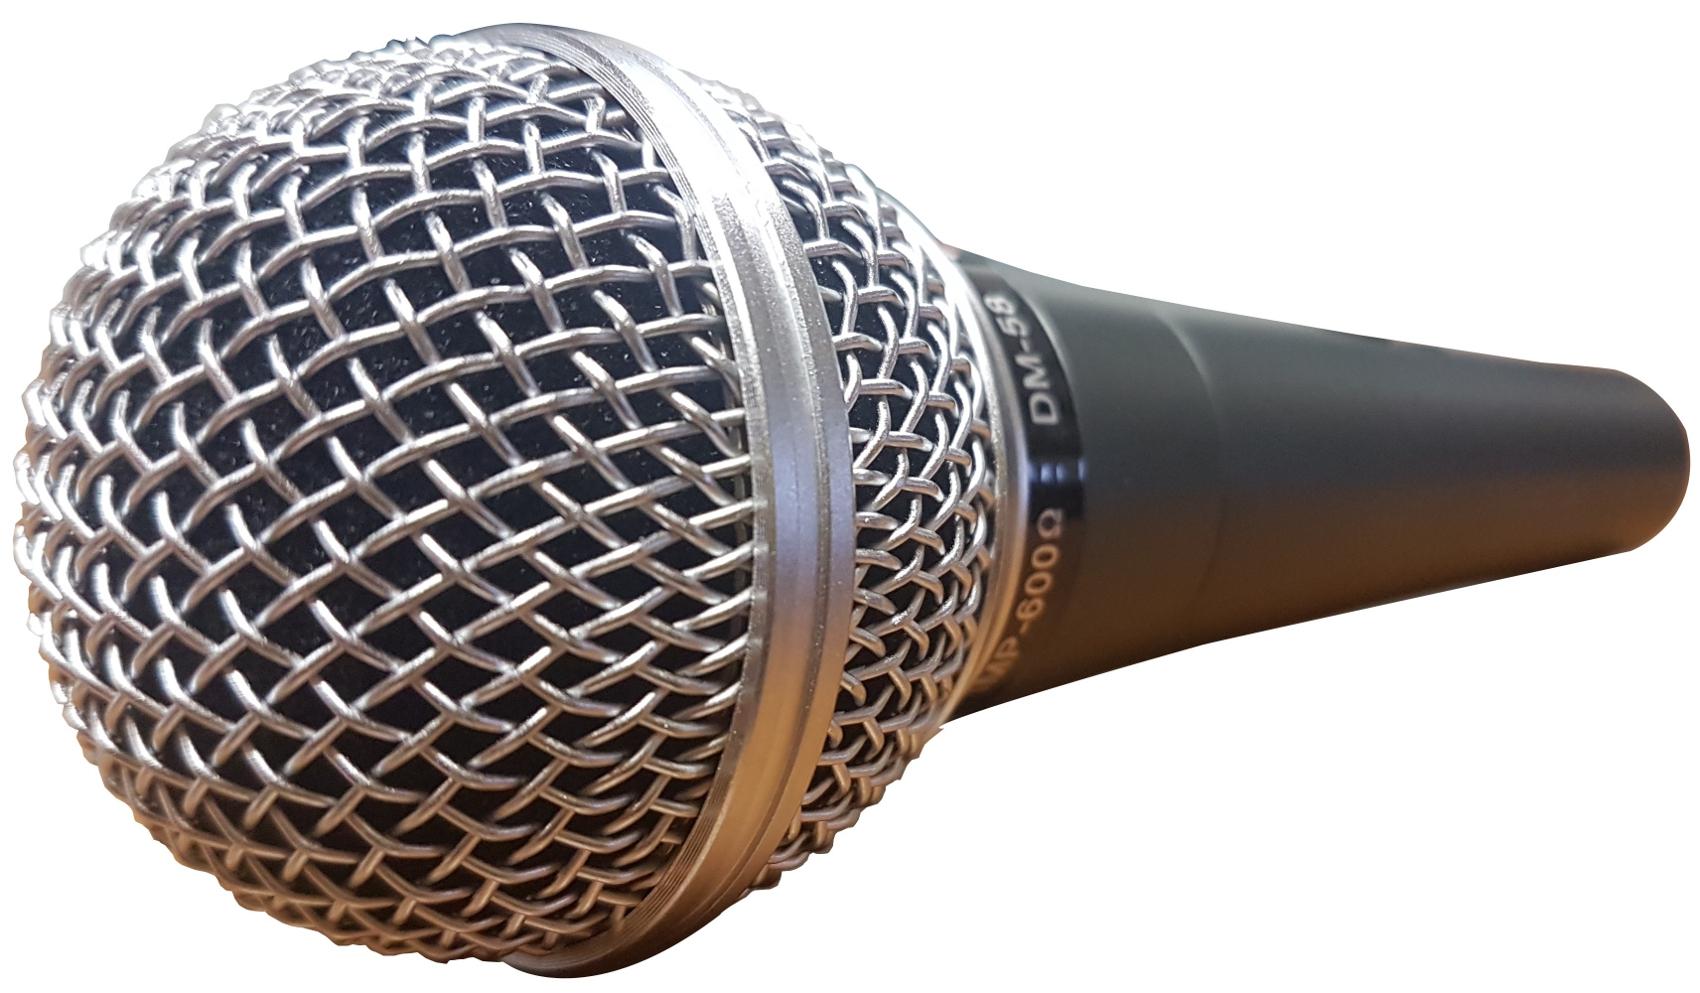 EXTREME DM58 MICROFONO DINAMICO PER VOCE IMITAZIONE SHURE SM58 + CLAMP + CAVO + CUSTODIA RIGIDA 2